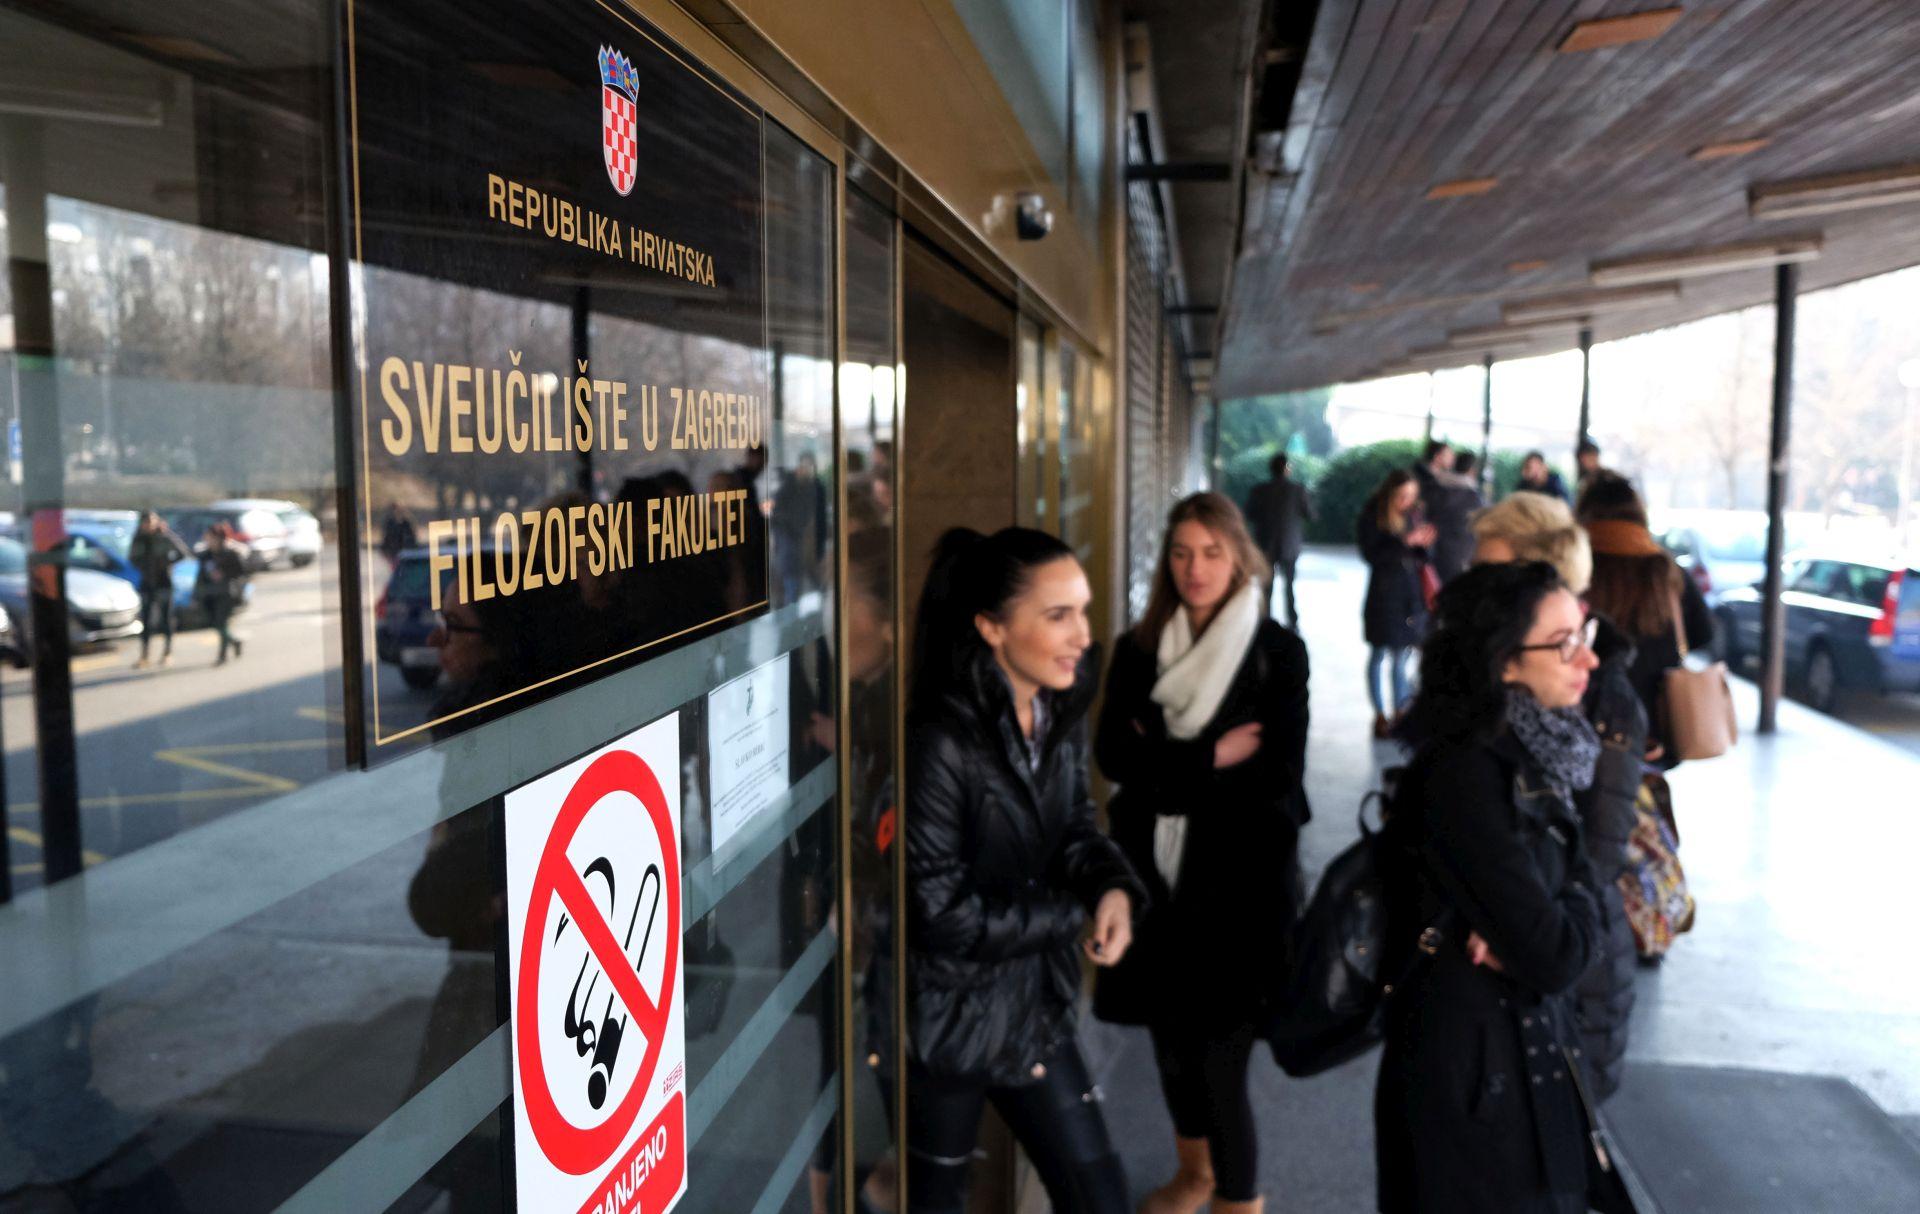 Tri kandidatkinje za dužnost dekana Filozofskog fakulteta Sveučilišta u Zagrebu